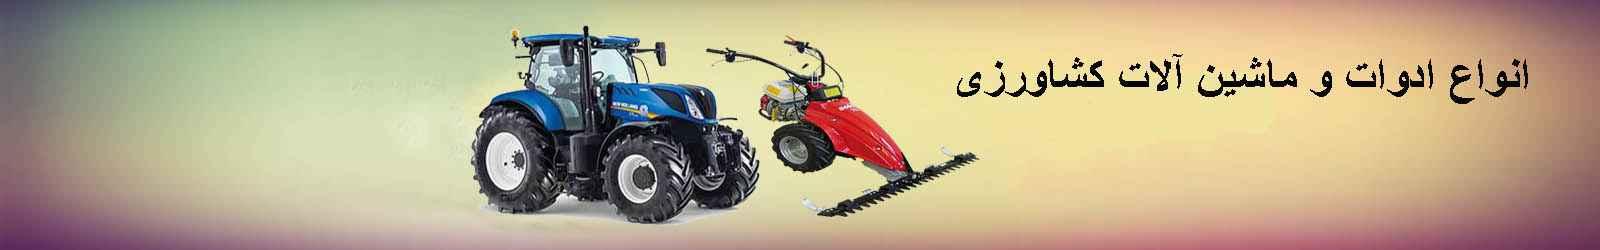 معرفی و فروش ماشین آلات و ادوات کشاورزی